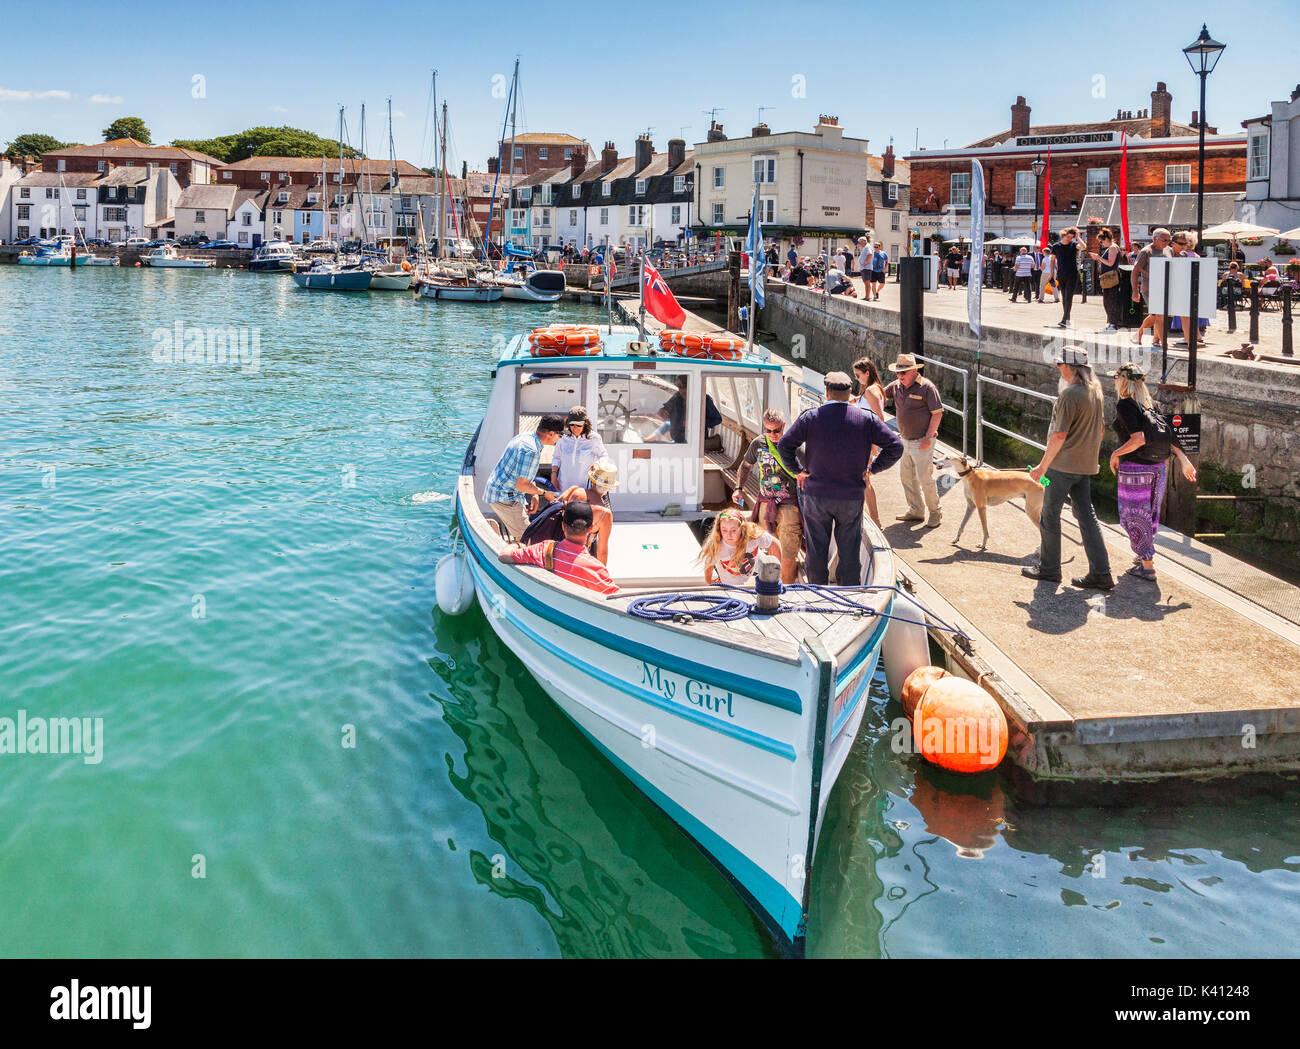 El 2 de julio de 2017: Weymouth, Dorset, Inglaterra, Reino Unido - Pasajeros con un perro subir al barco de recreo mi niña en Weymouth muelles en un día soleado de verano. Imagen De Stock